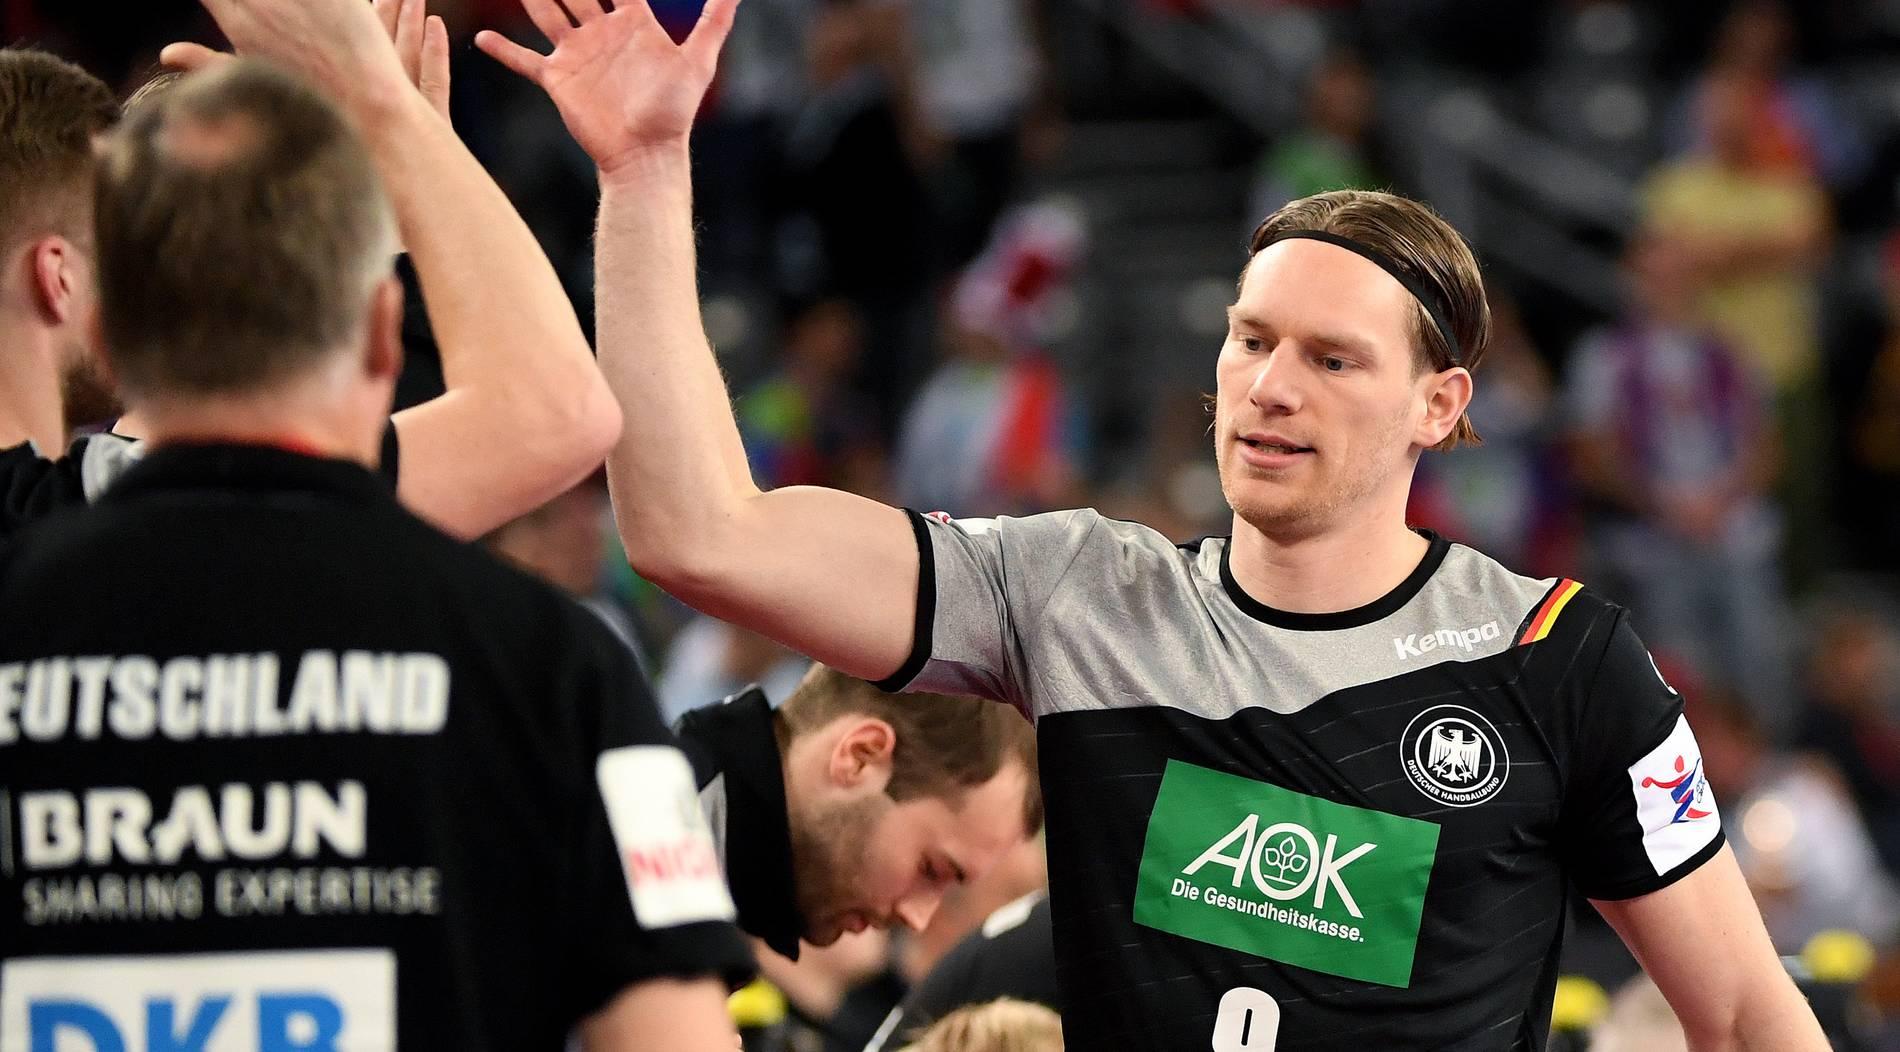 Handball-Bundestrainer Prokop hält Reichmann-Rückkehr für möglich